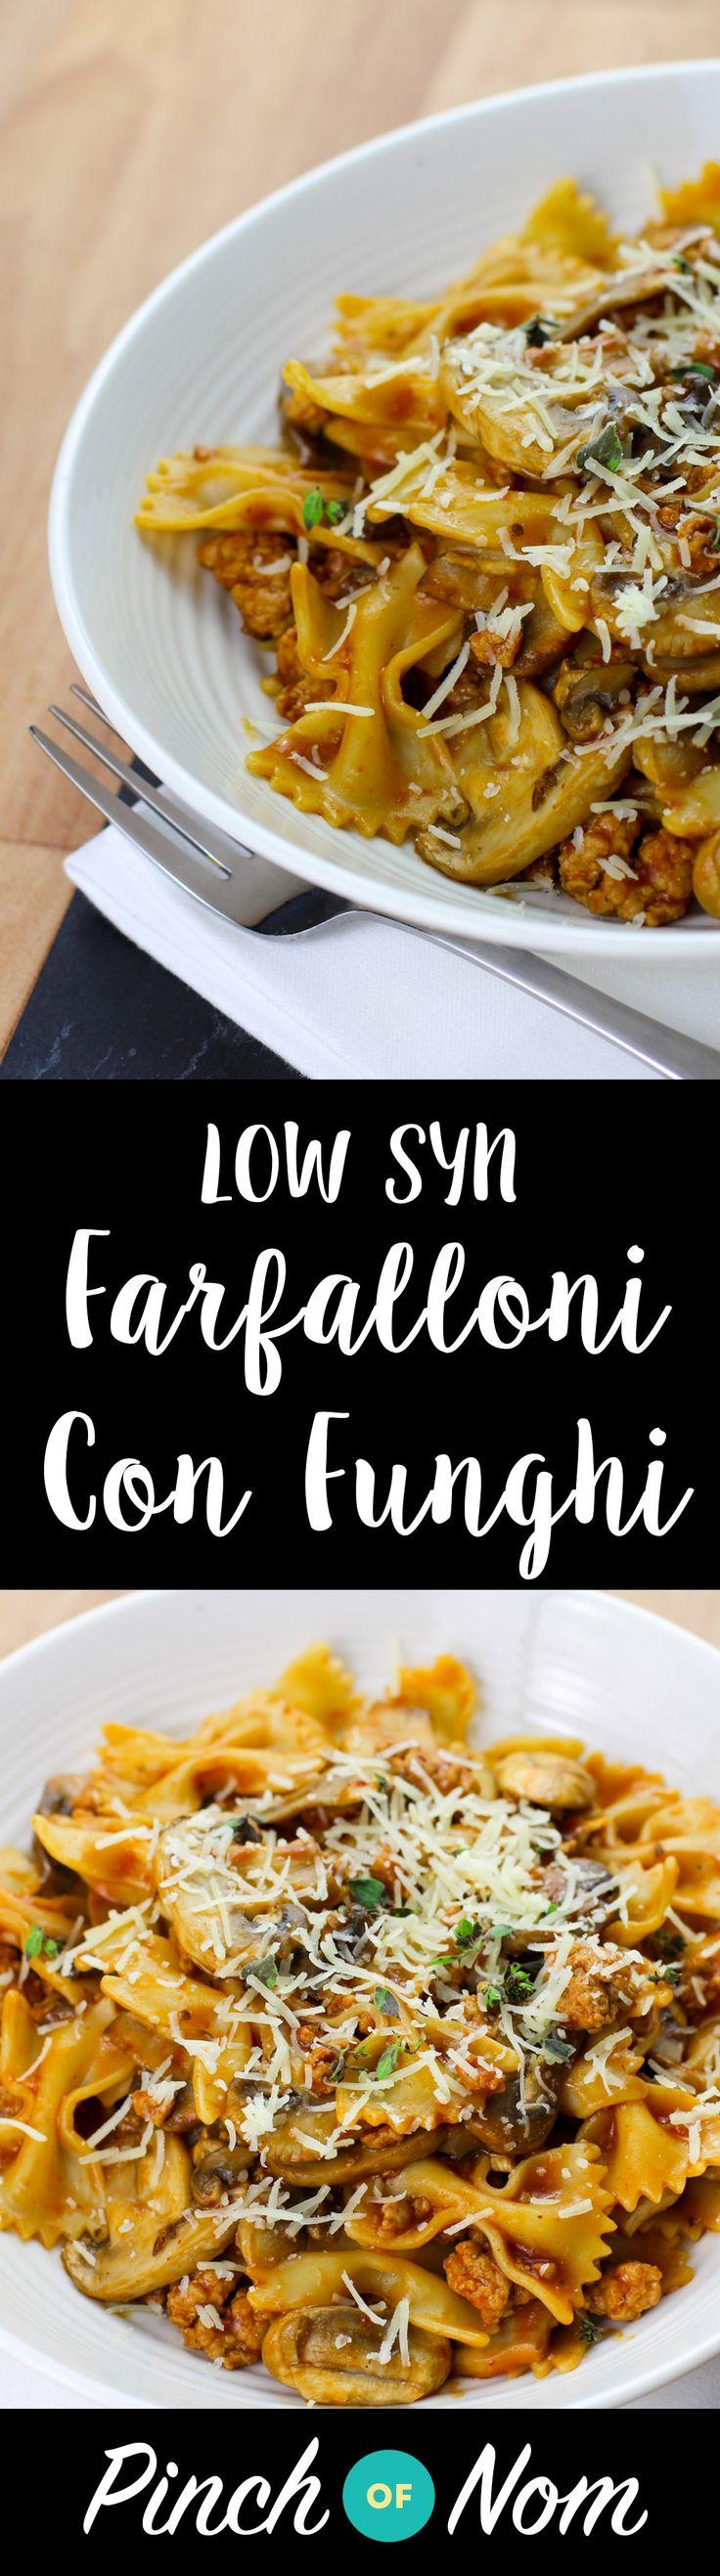 Low Syn Farfalloni Con Funghi | Slimming World